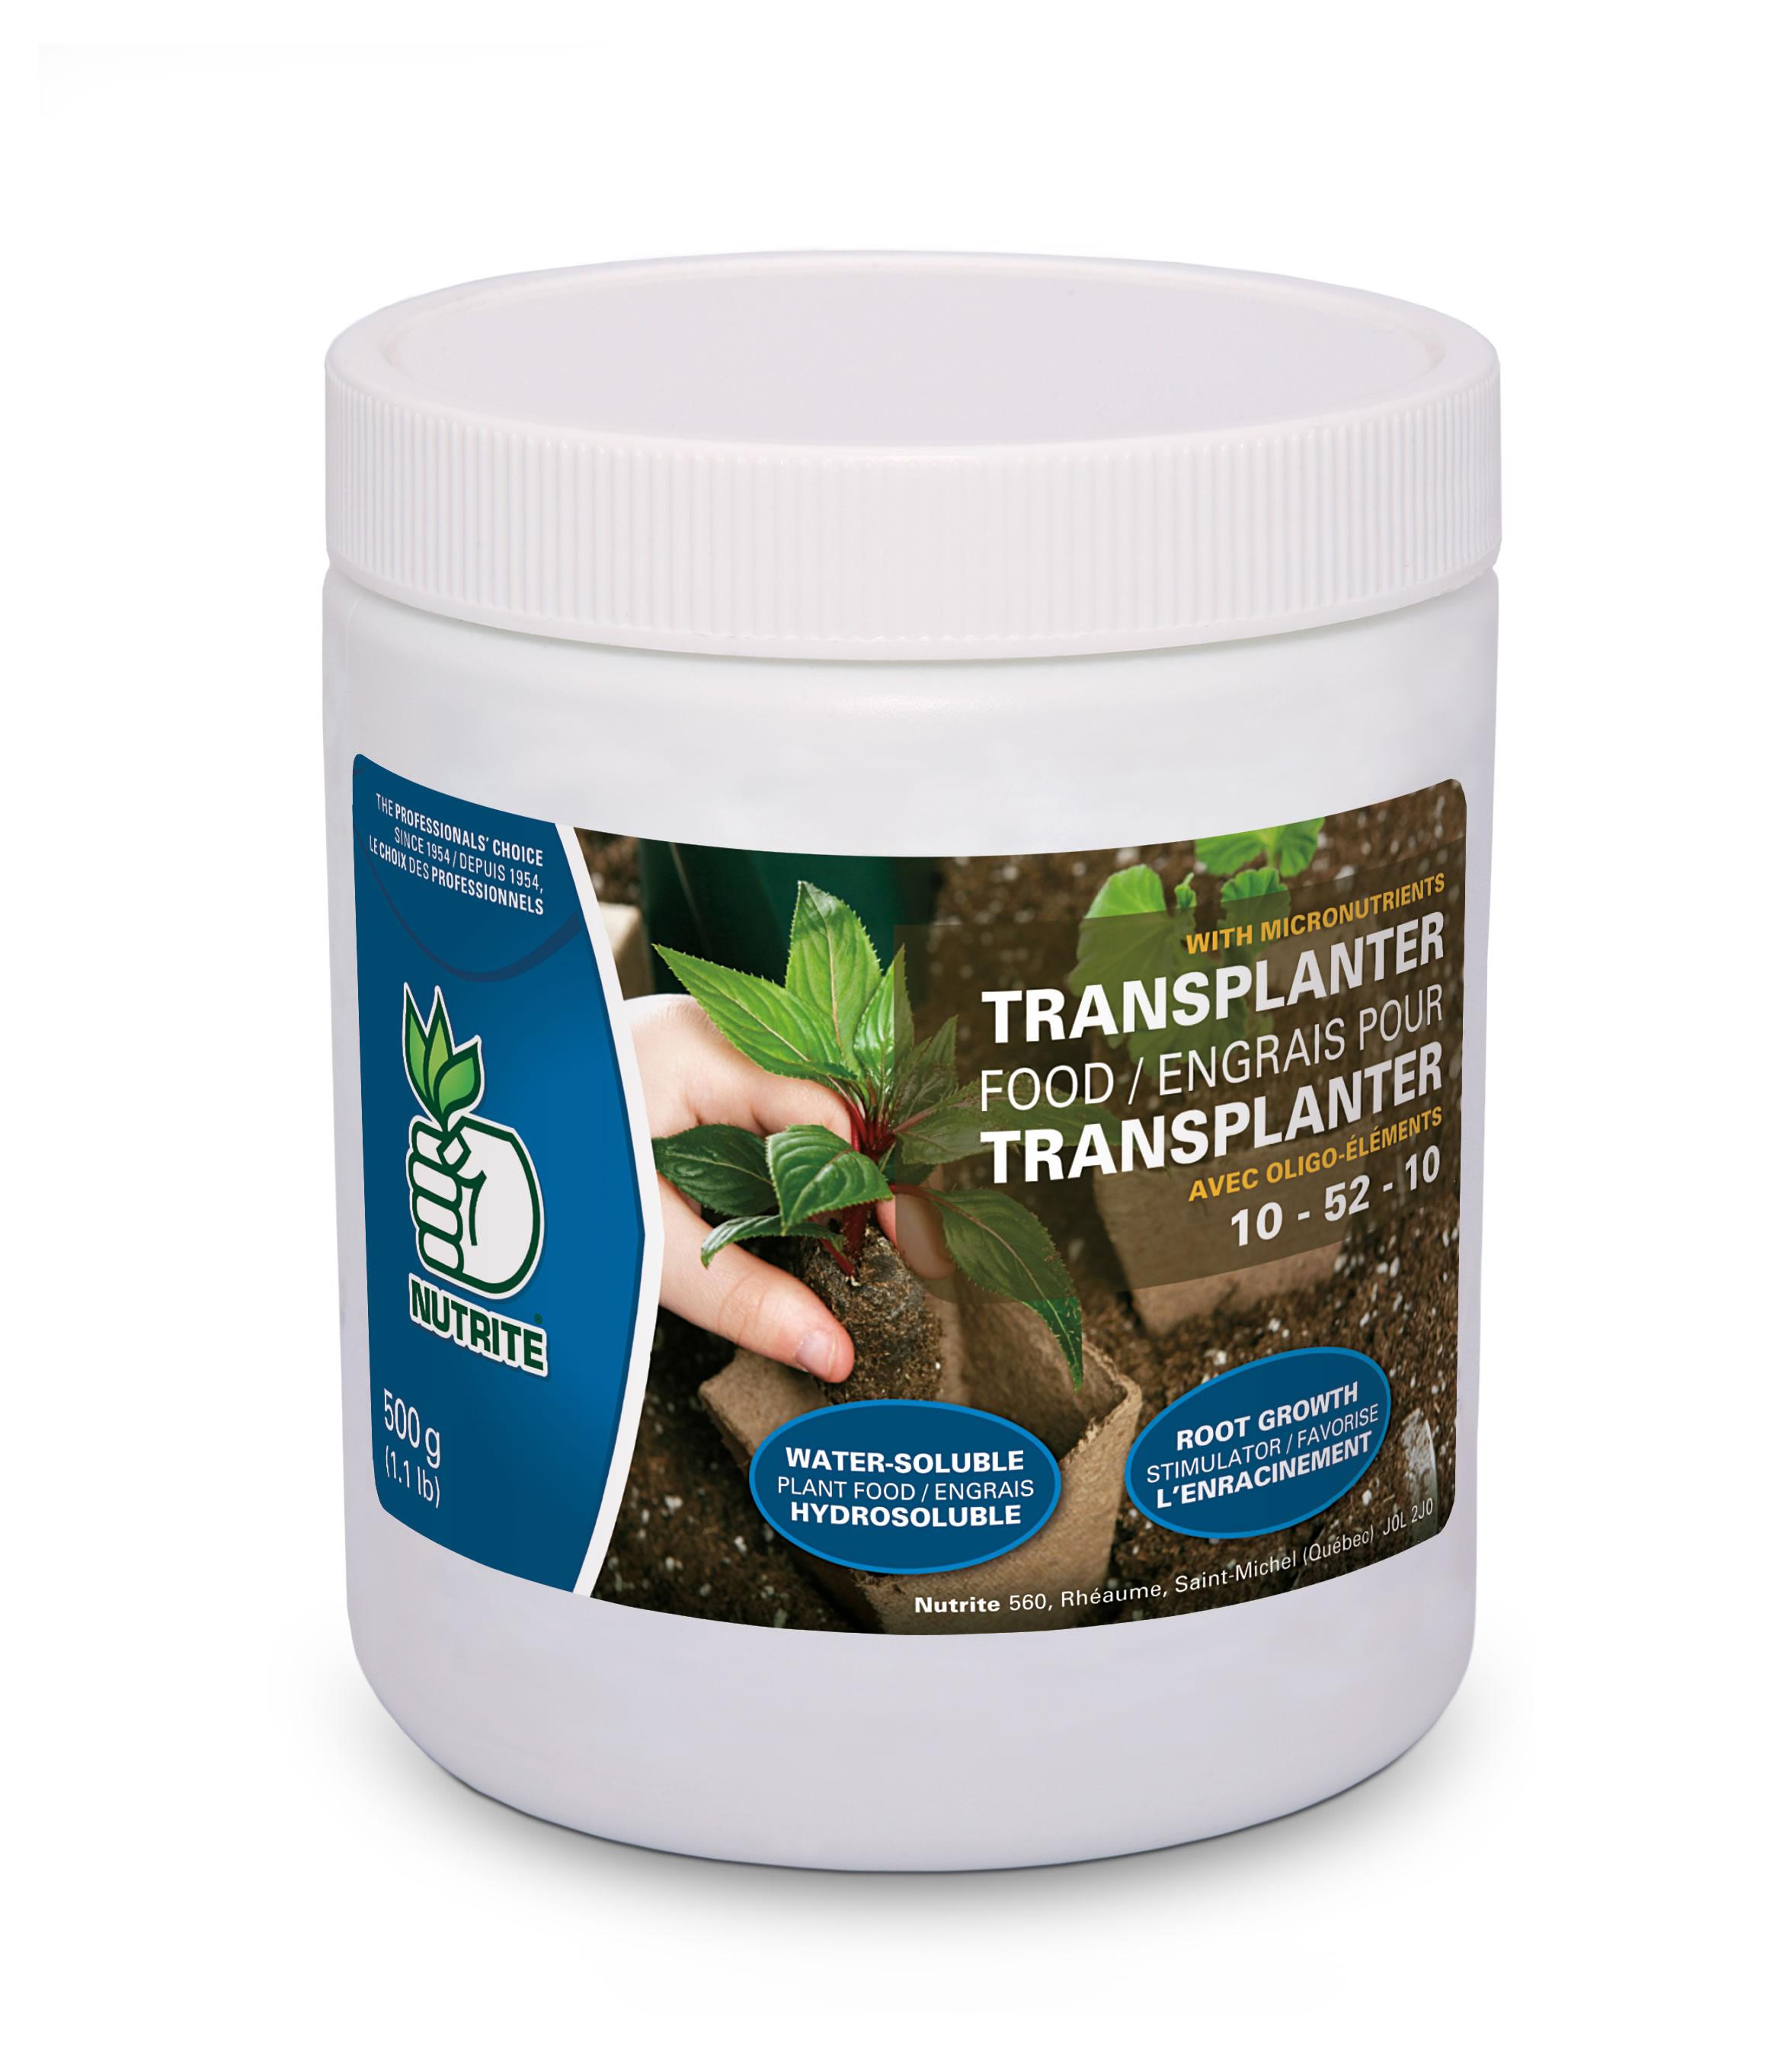 Engrais transplanteur 10 52 10 nutrite nos produits for Produit de jardinage